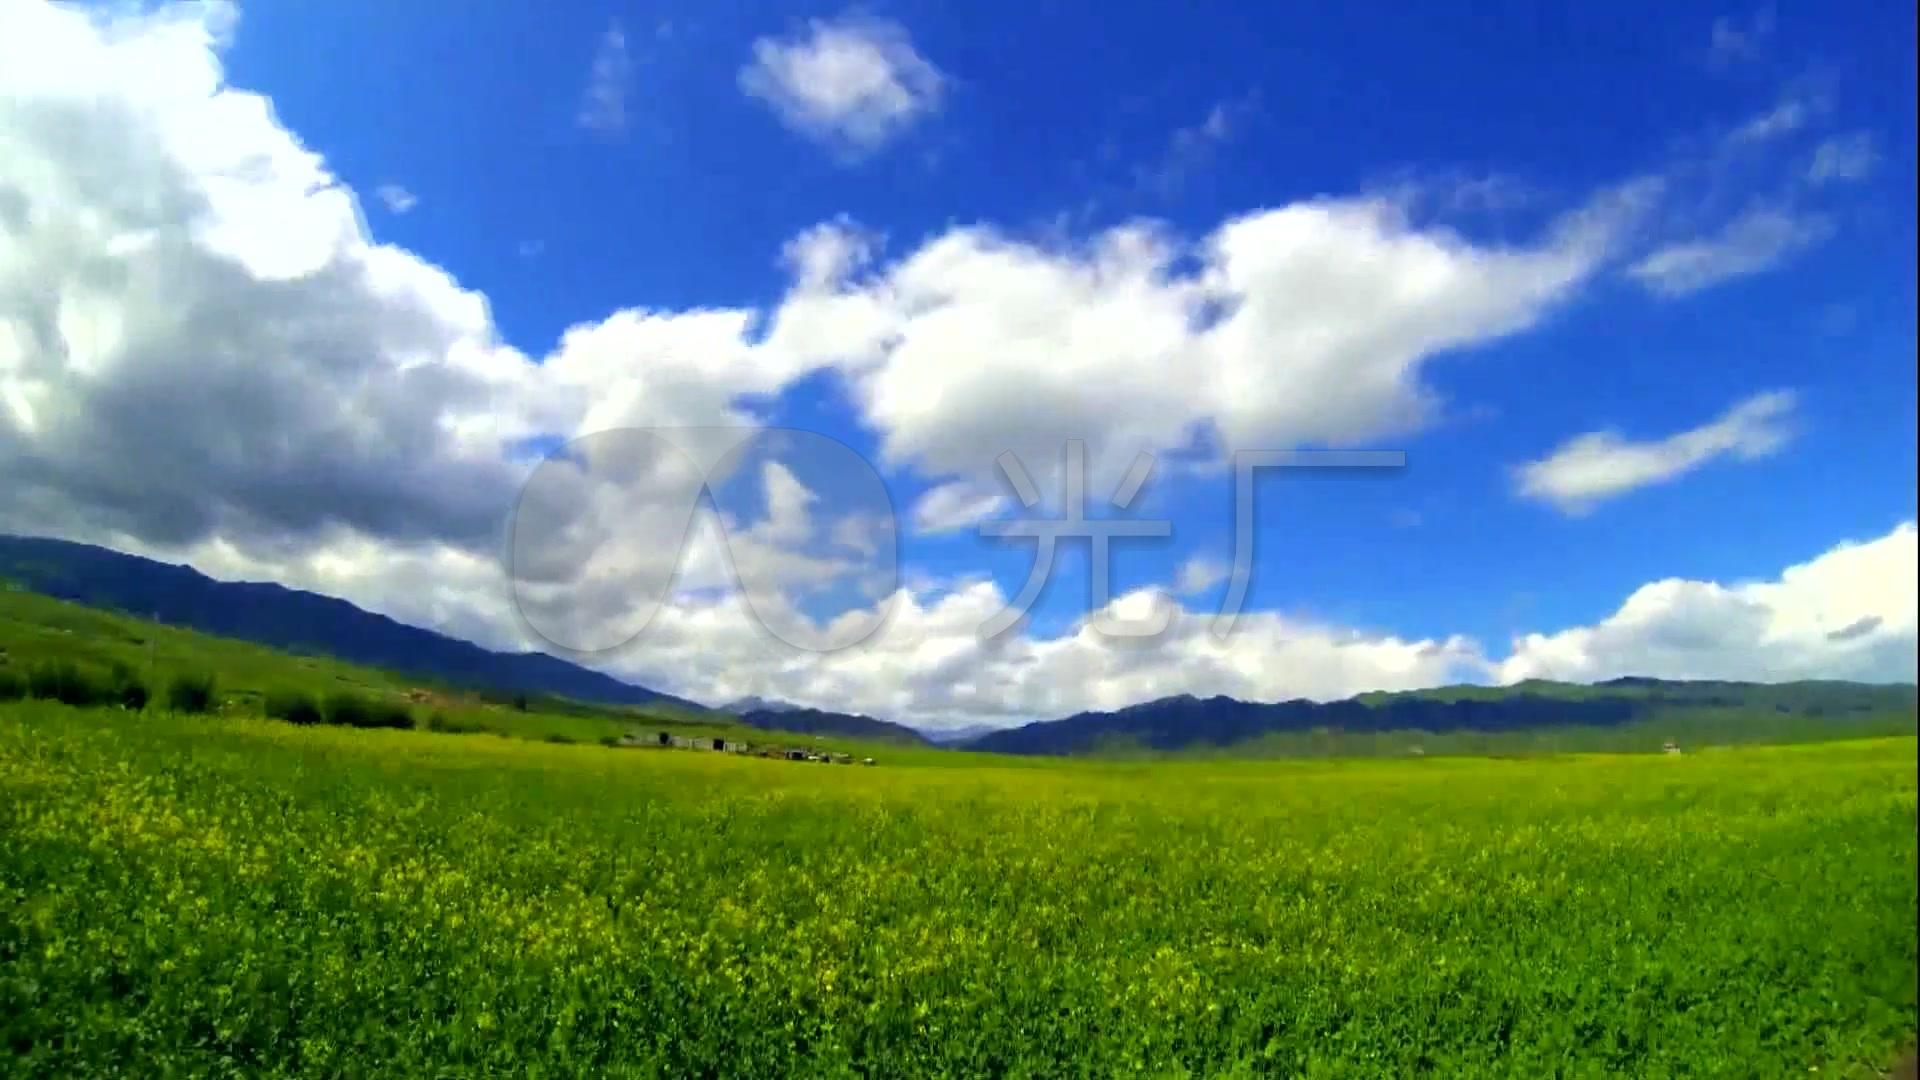 雪山草原风光草原缭绕比赛云雾_1920X1080_航拍视频主持人图片